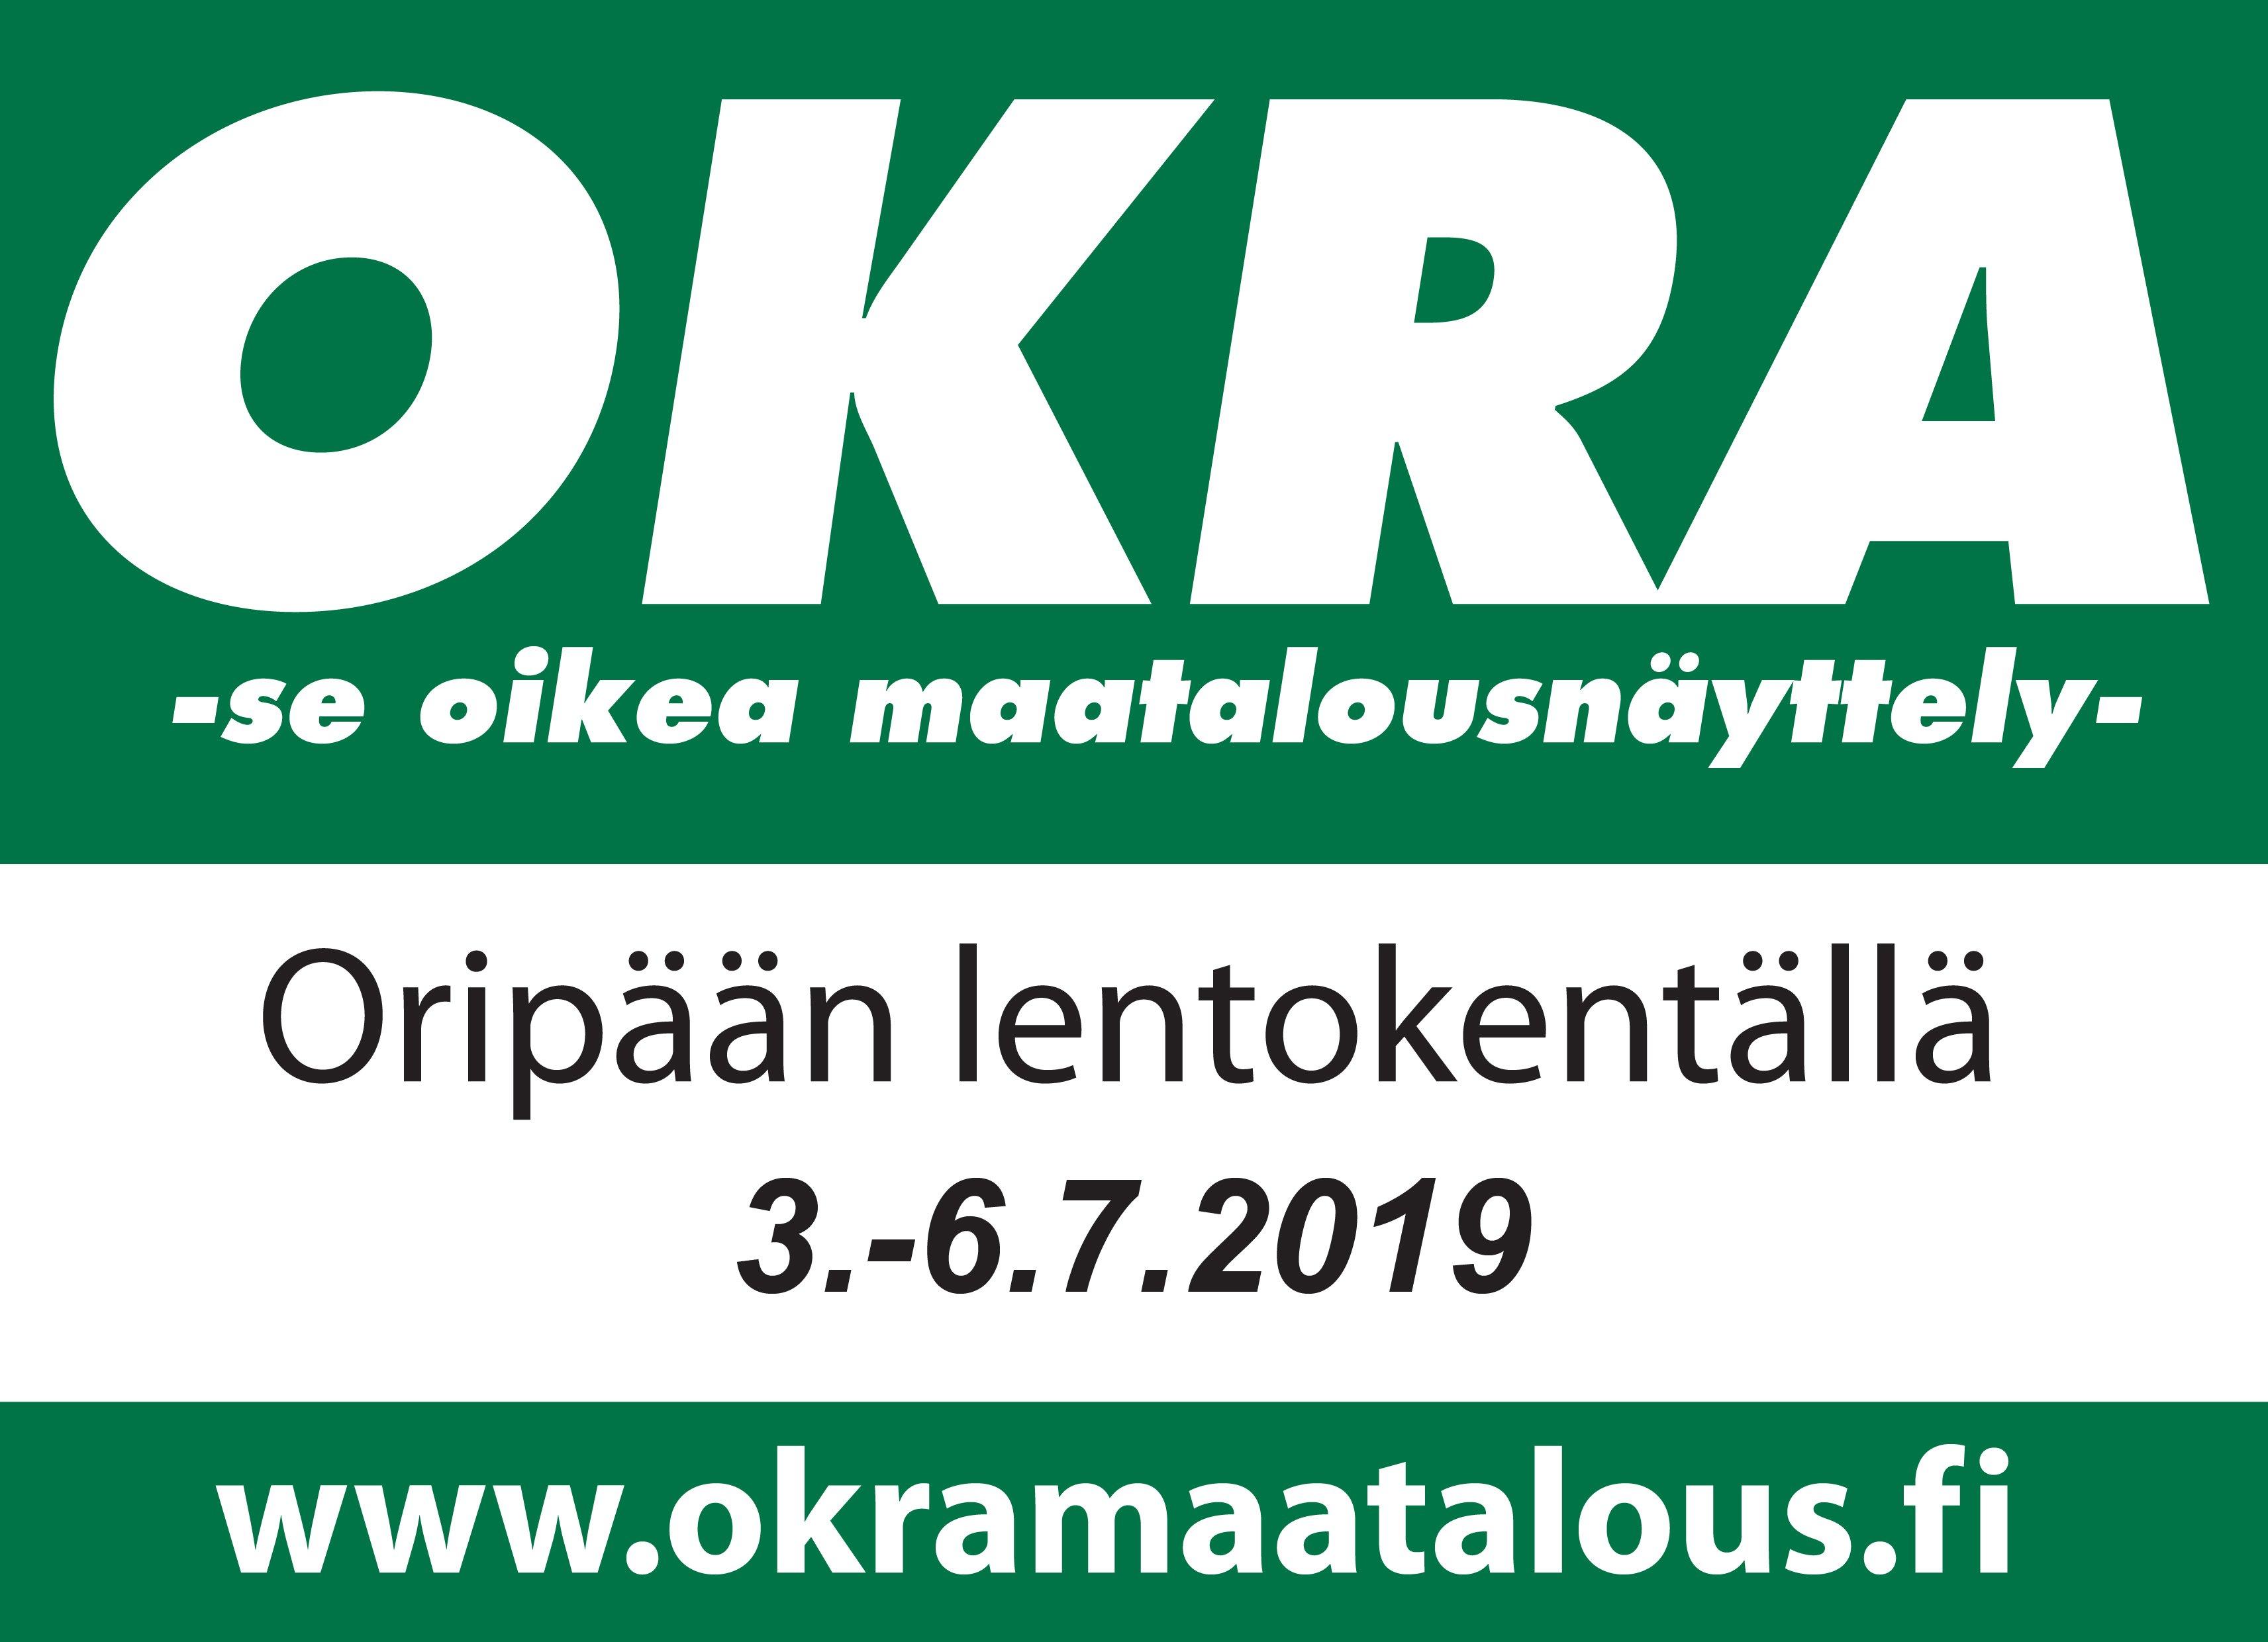 Okra - se oikea maatalousnäyttely